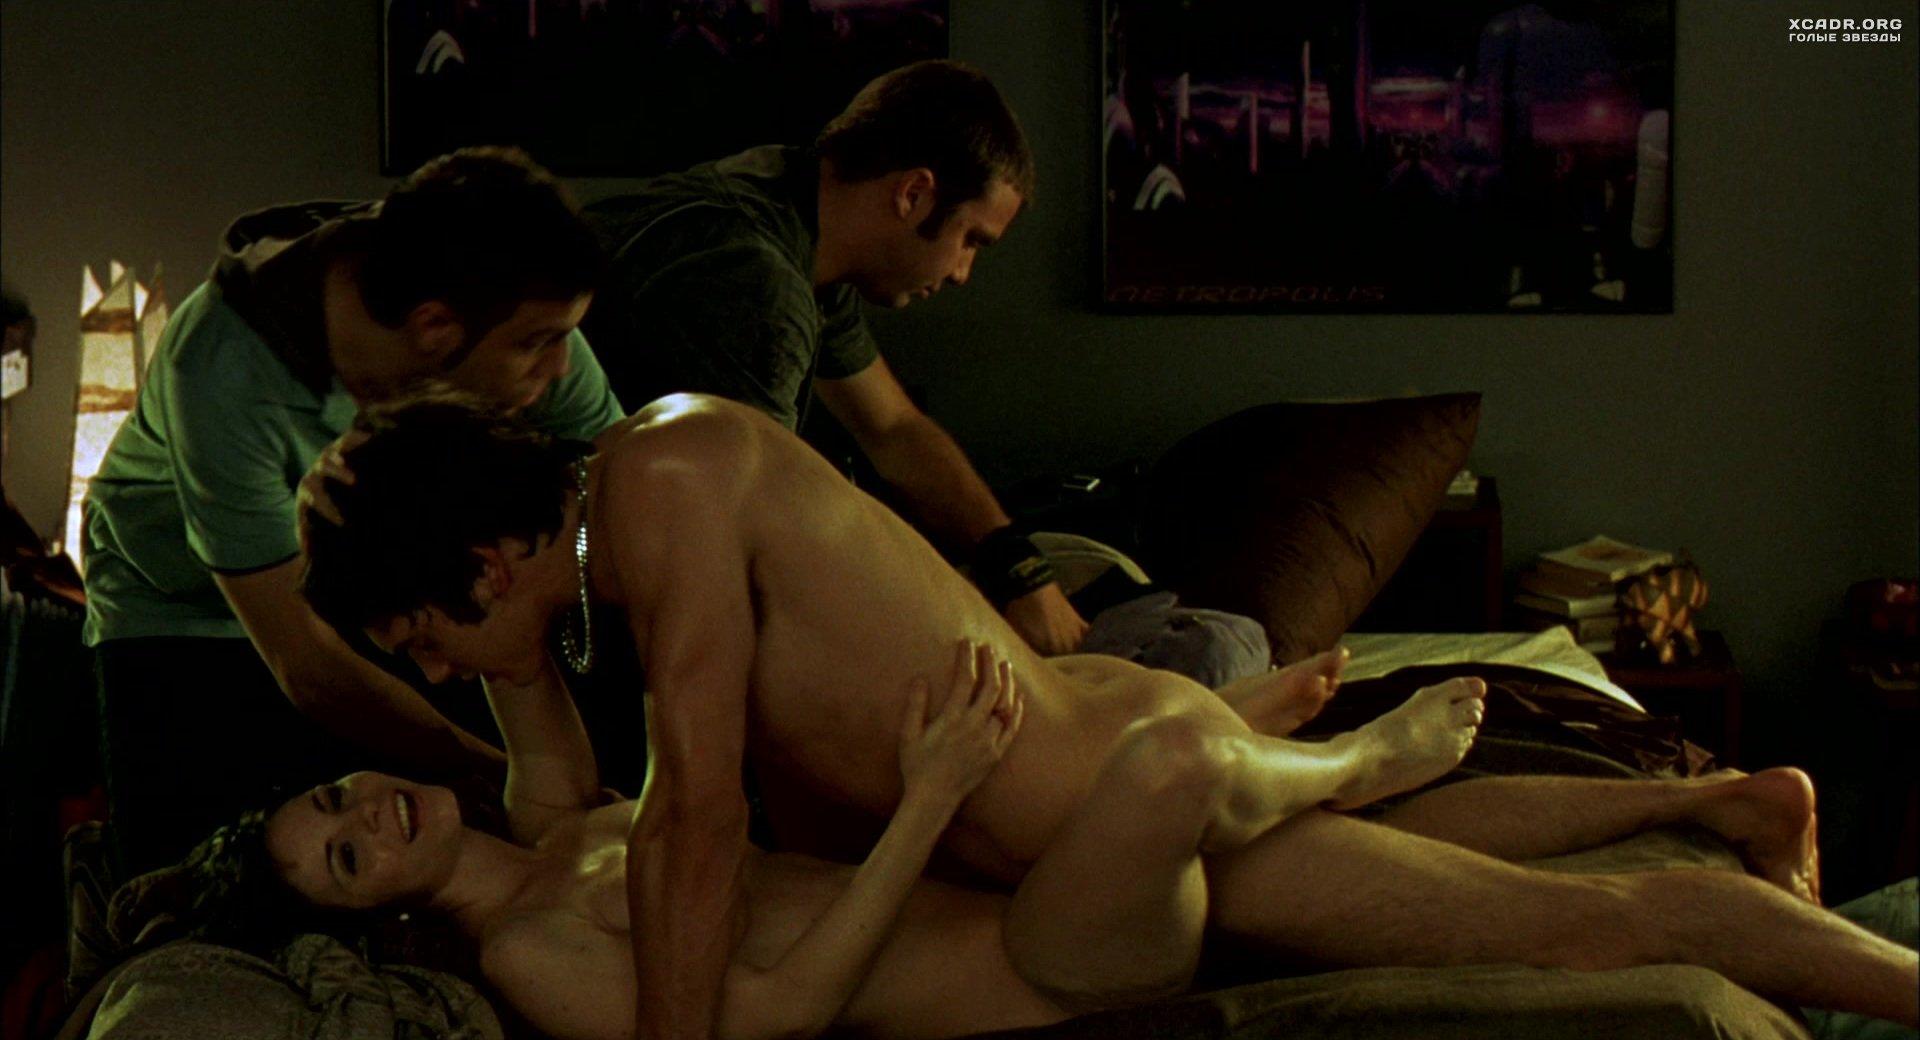 нарезки секса из фильмов сын танцует